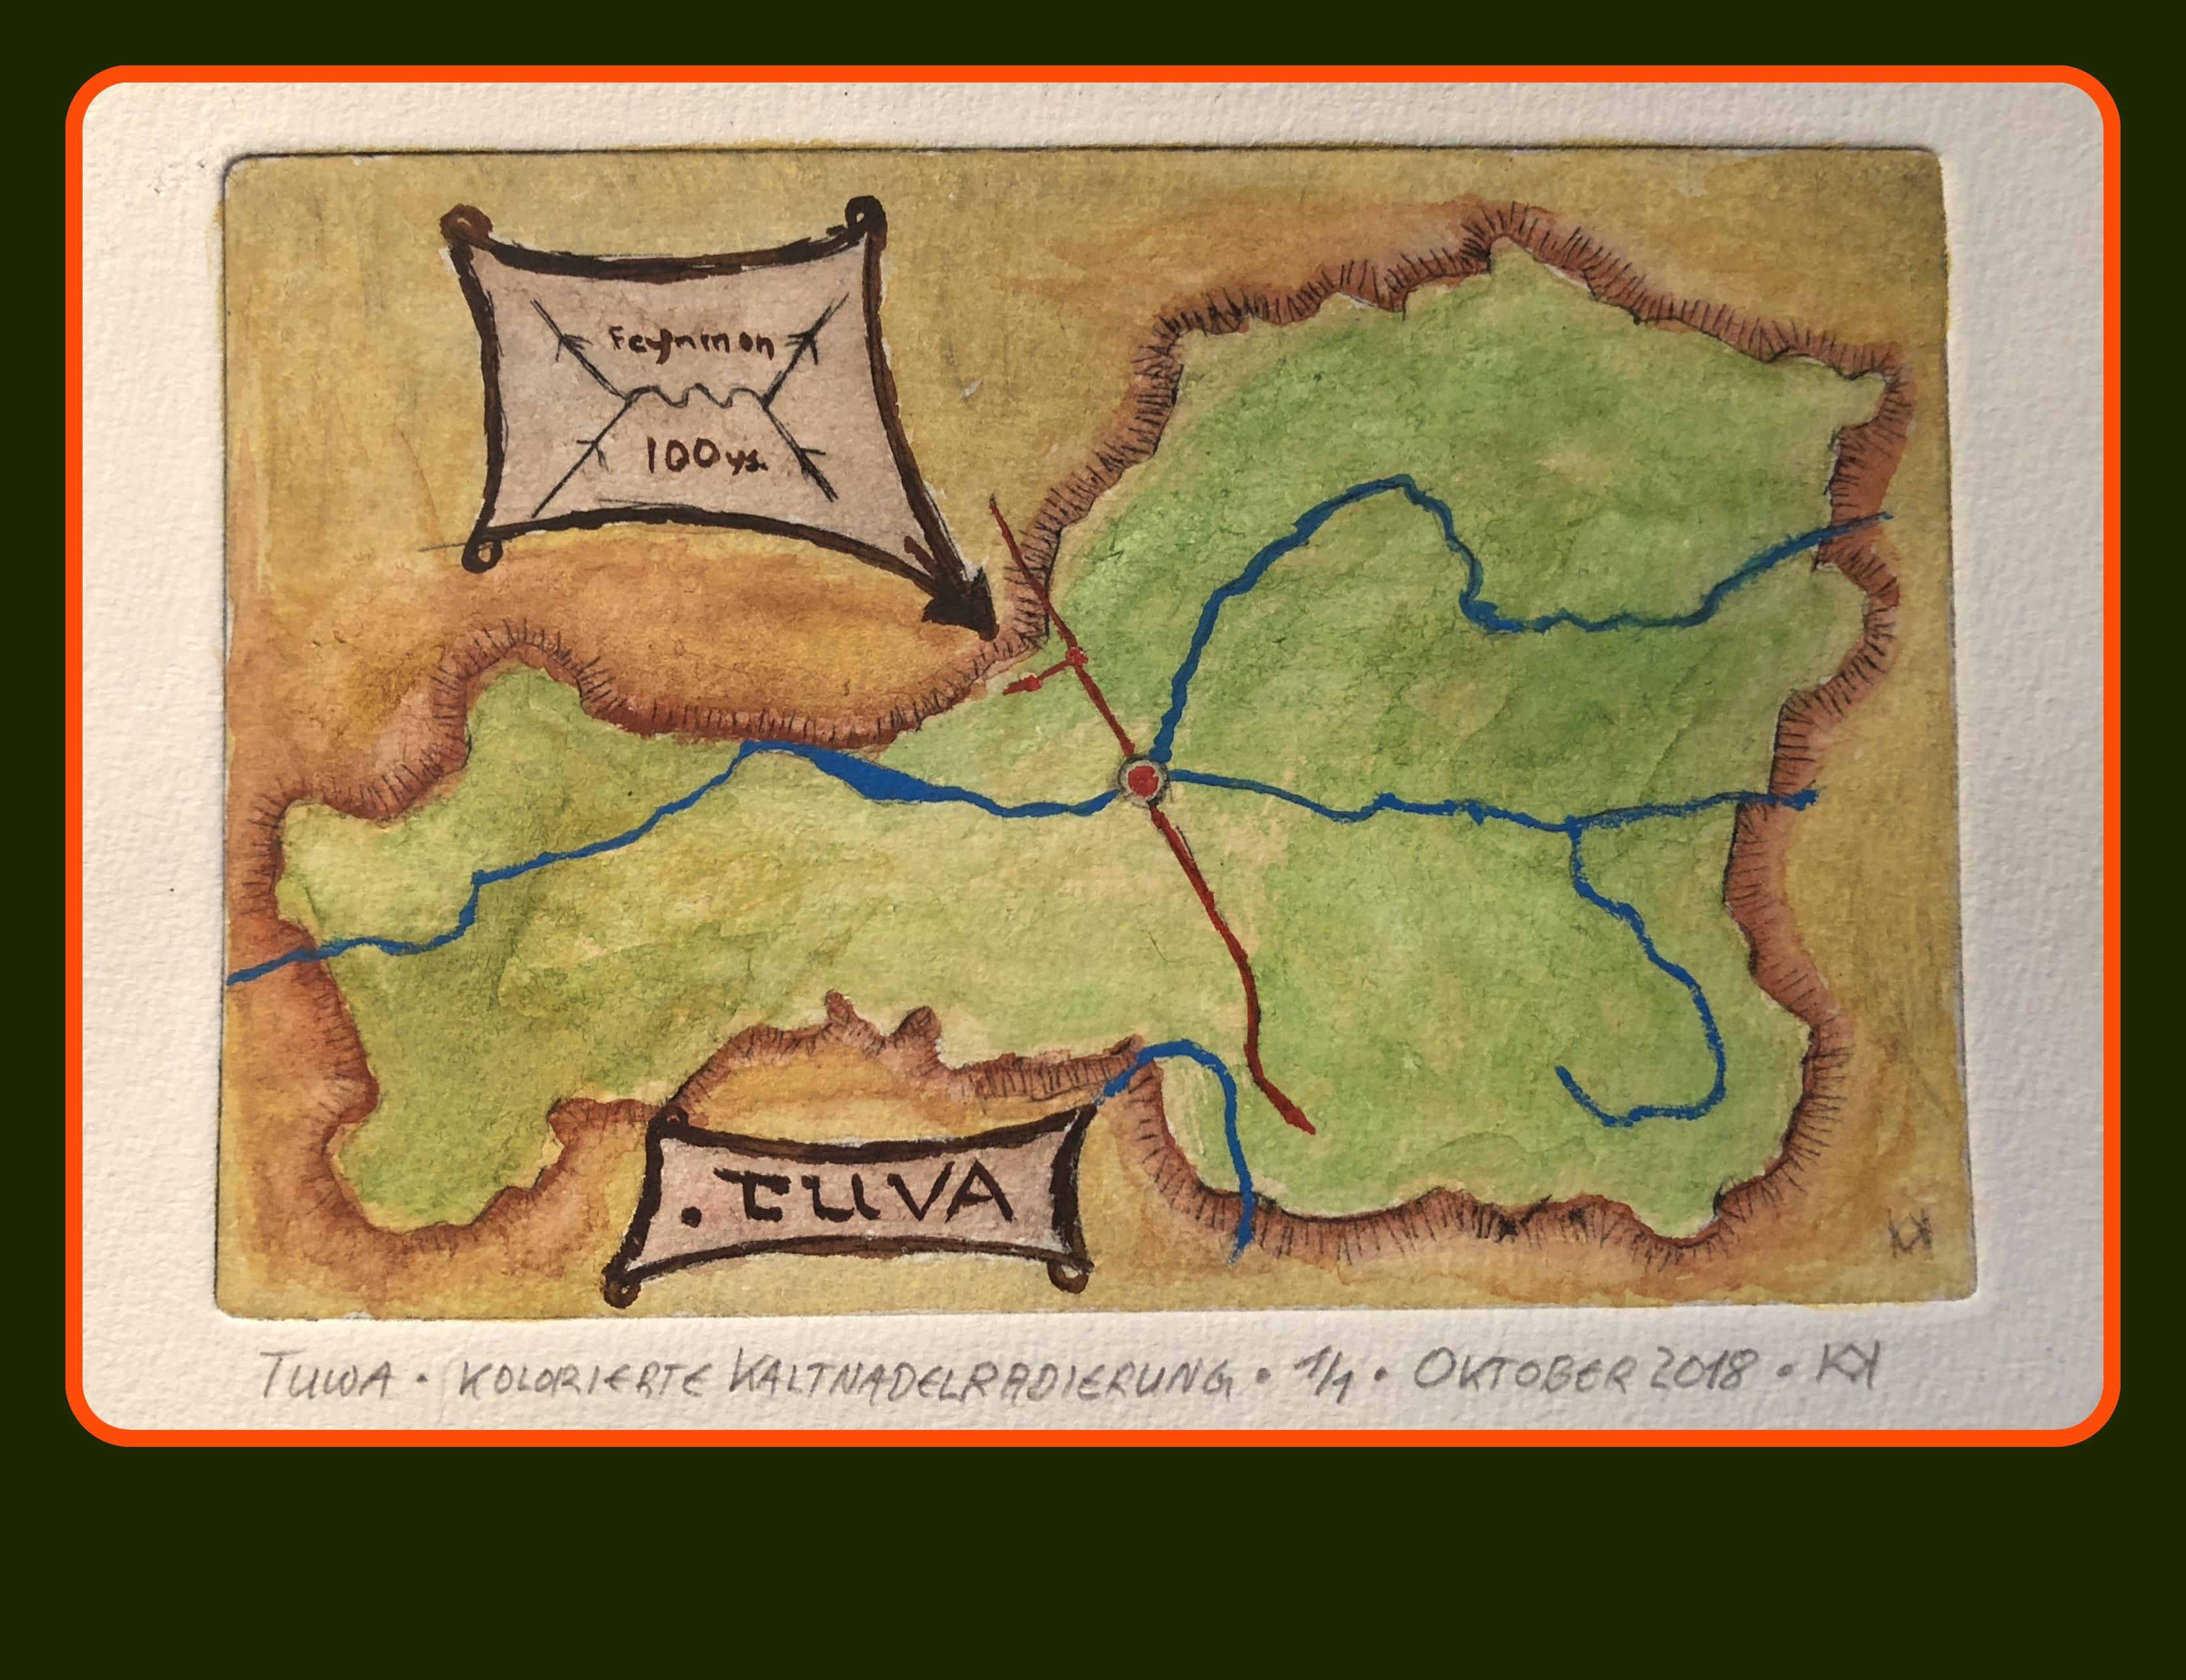 Kolorierte Kaltnadelradierung - Landkarte Tannu Tuwa. © Kl. Kurre